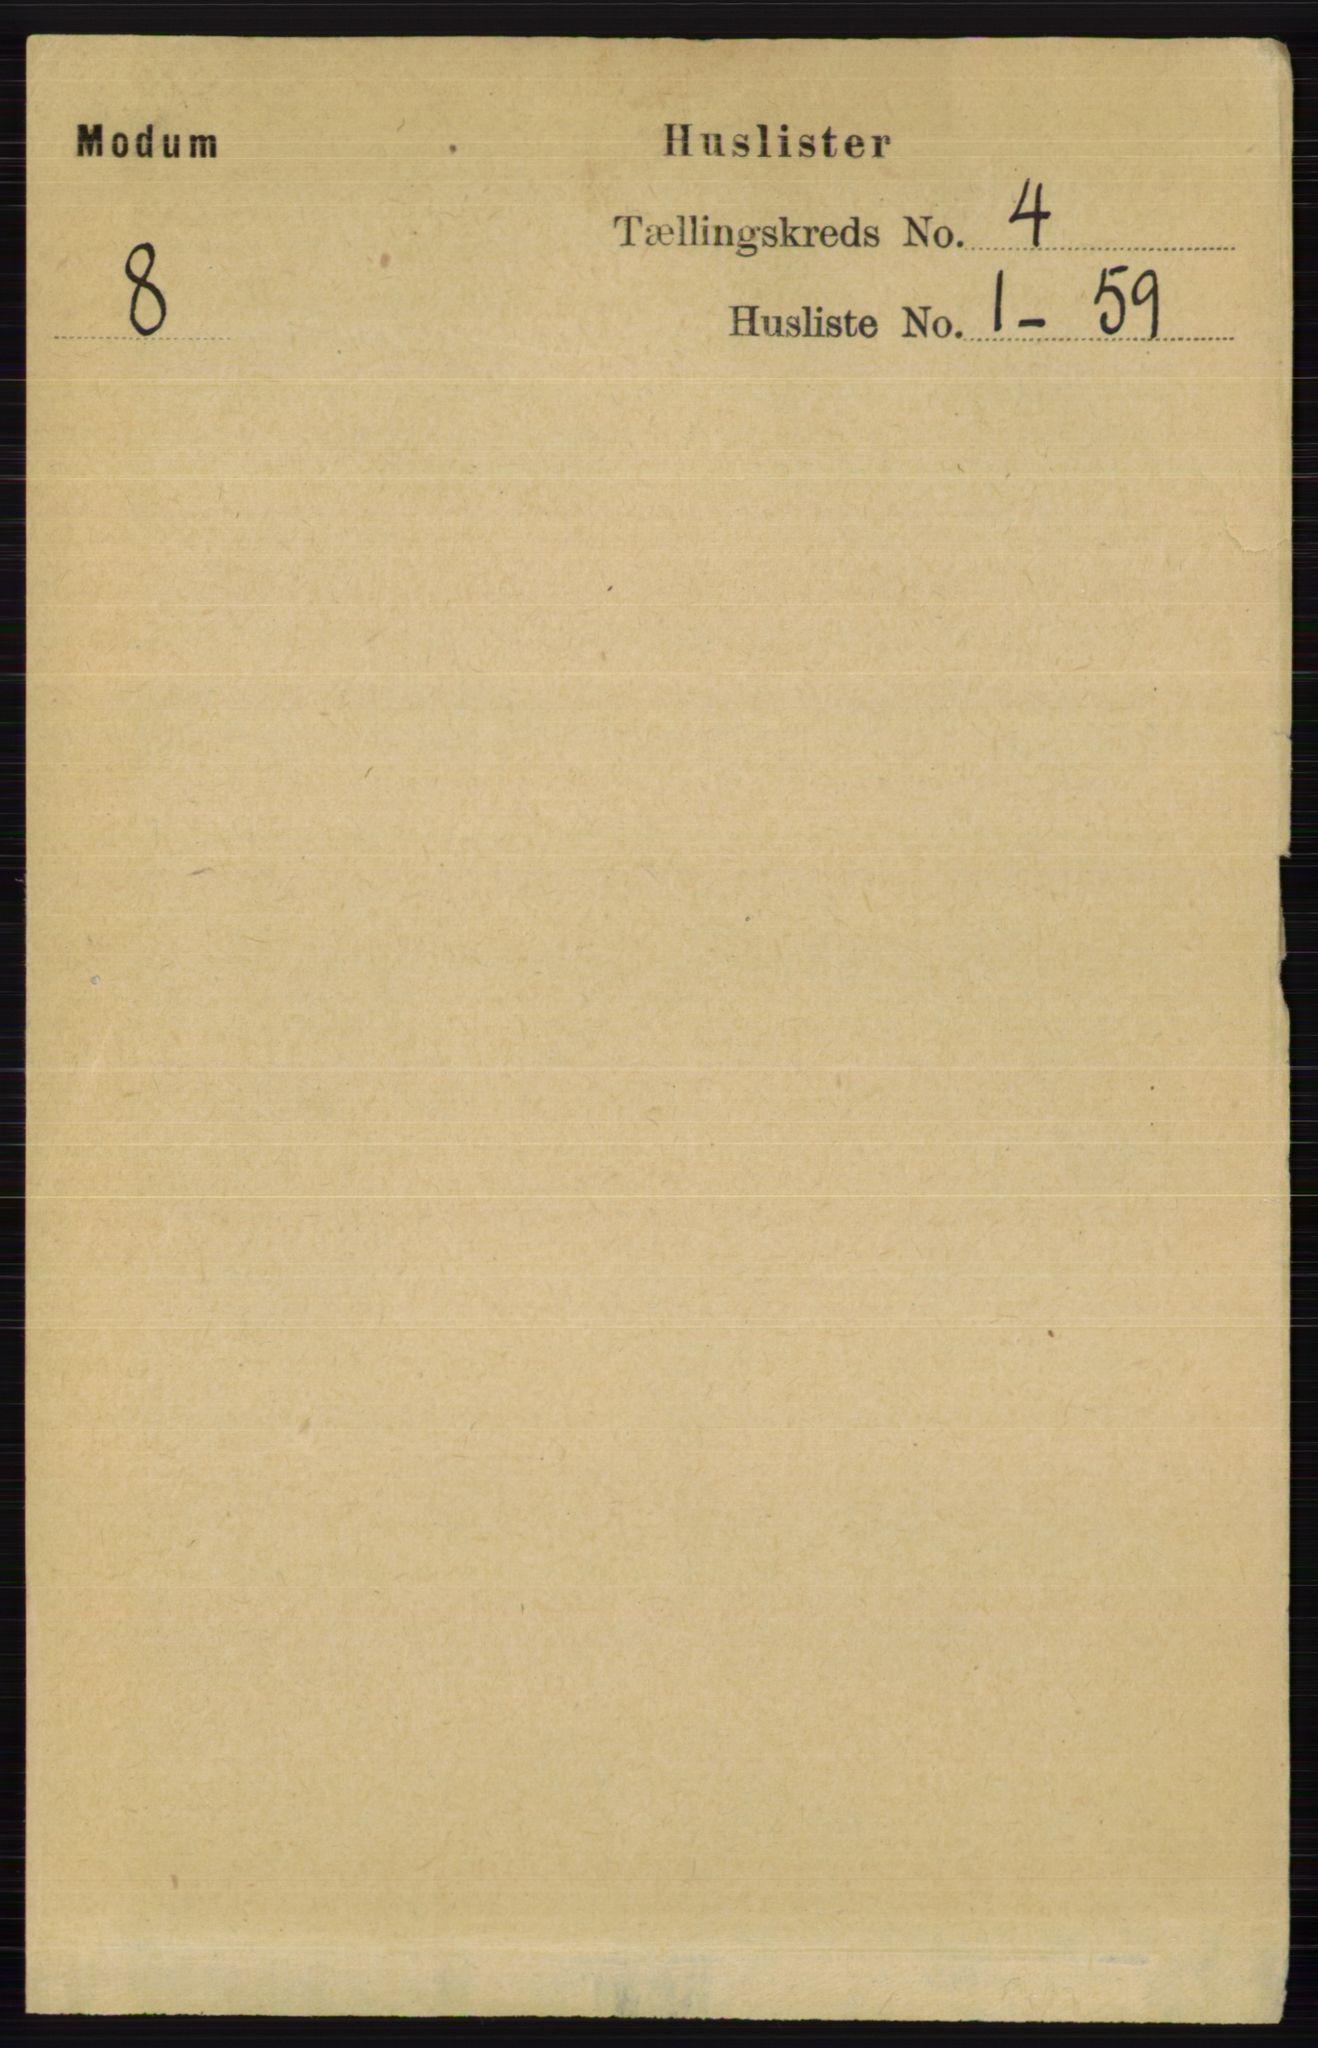 RA, Folketelling 1891 for 0623 Modum herred, 1891, s. 925